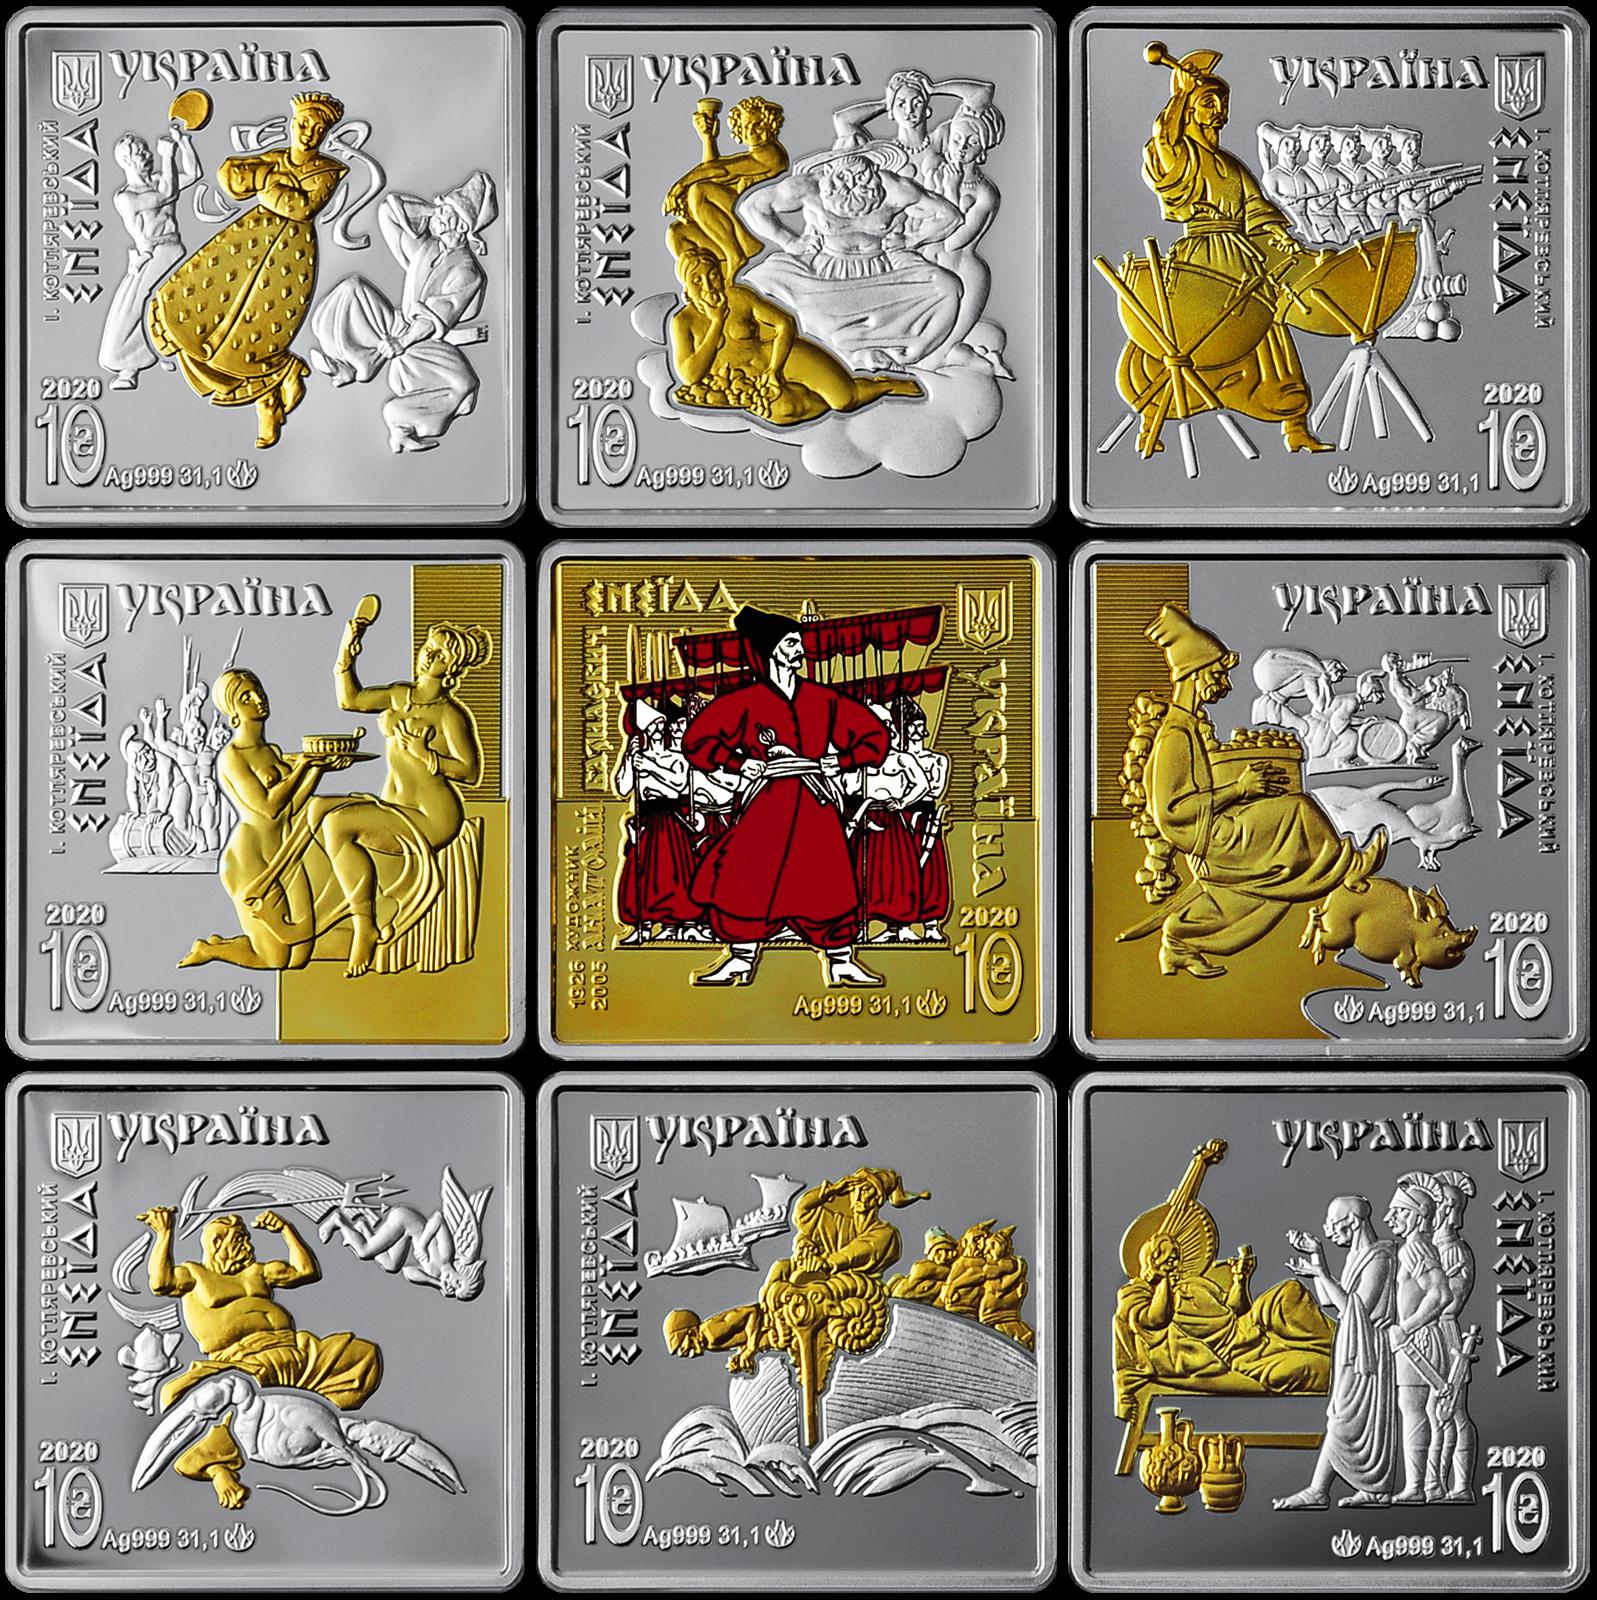 Лучшая монета года Украины-2020: НБУ назвал победителя конкурса – фото